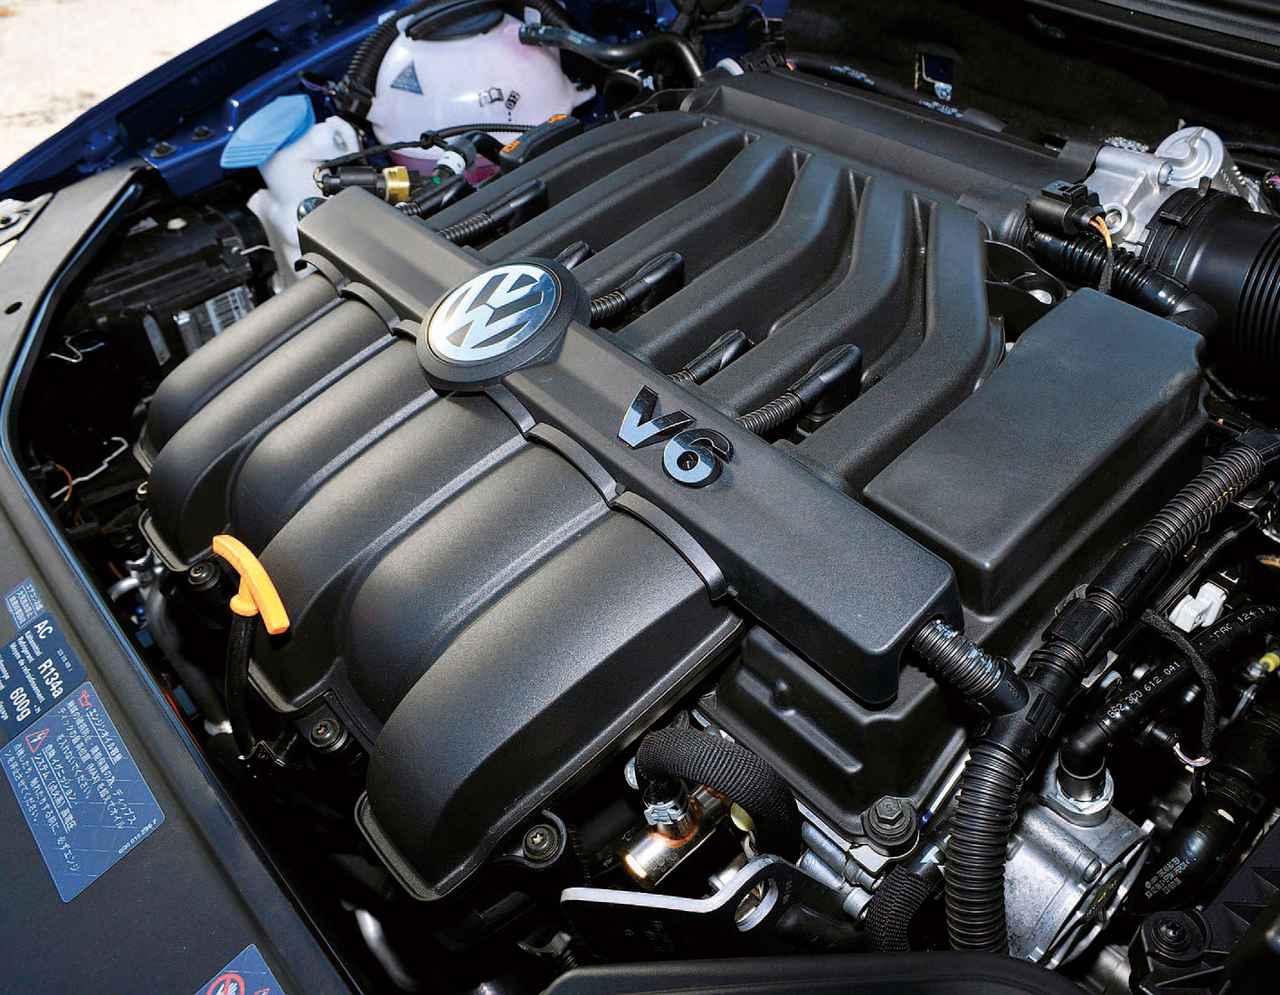 画像: パサートヴァリアントR36のエンジンはバンク角10.6度の狭角3.6L V6。パサートR36専用にチューニング、最高出力は299psに達する。